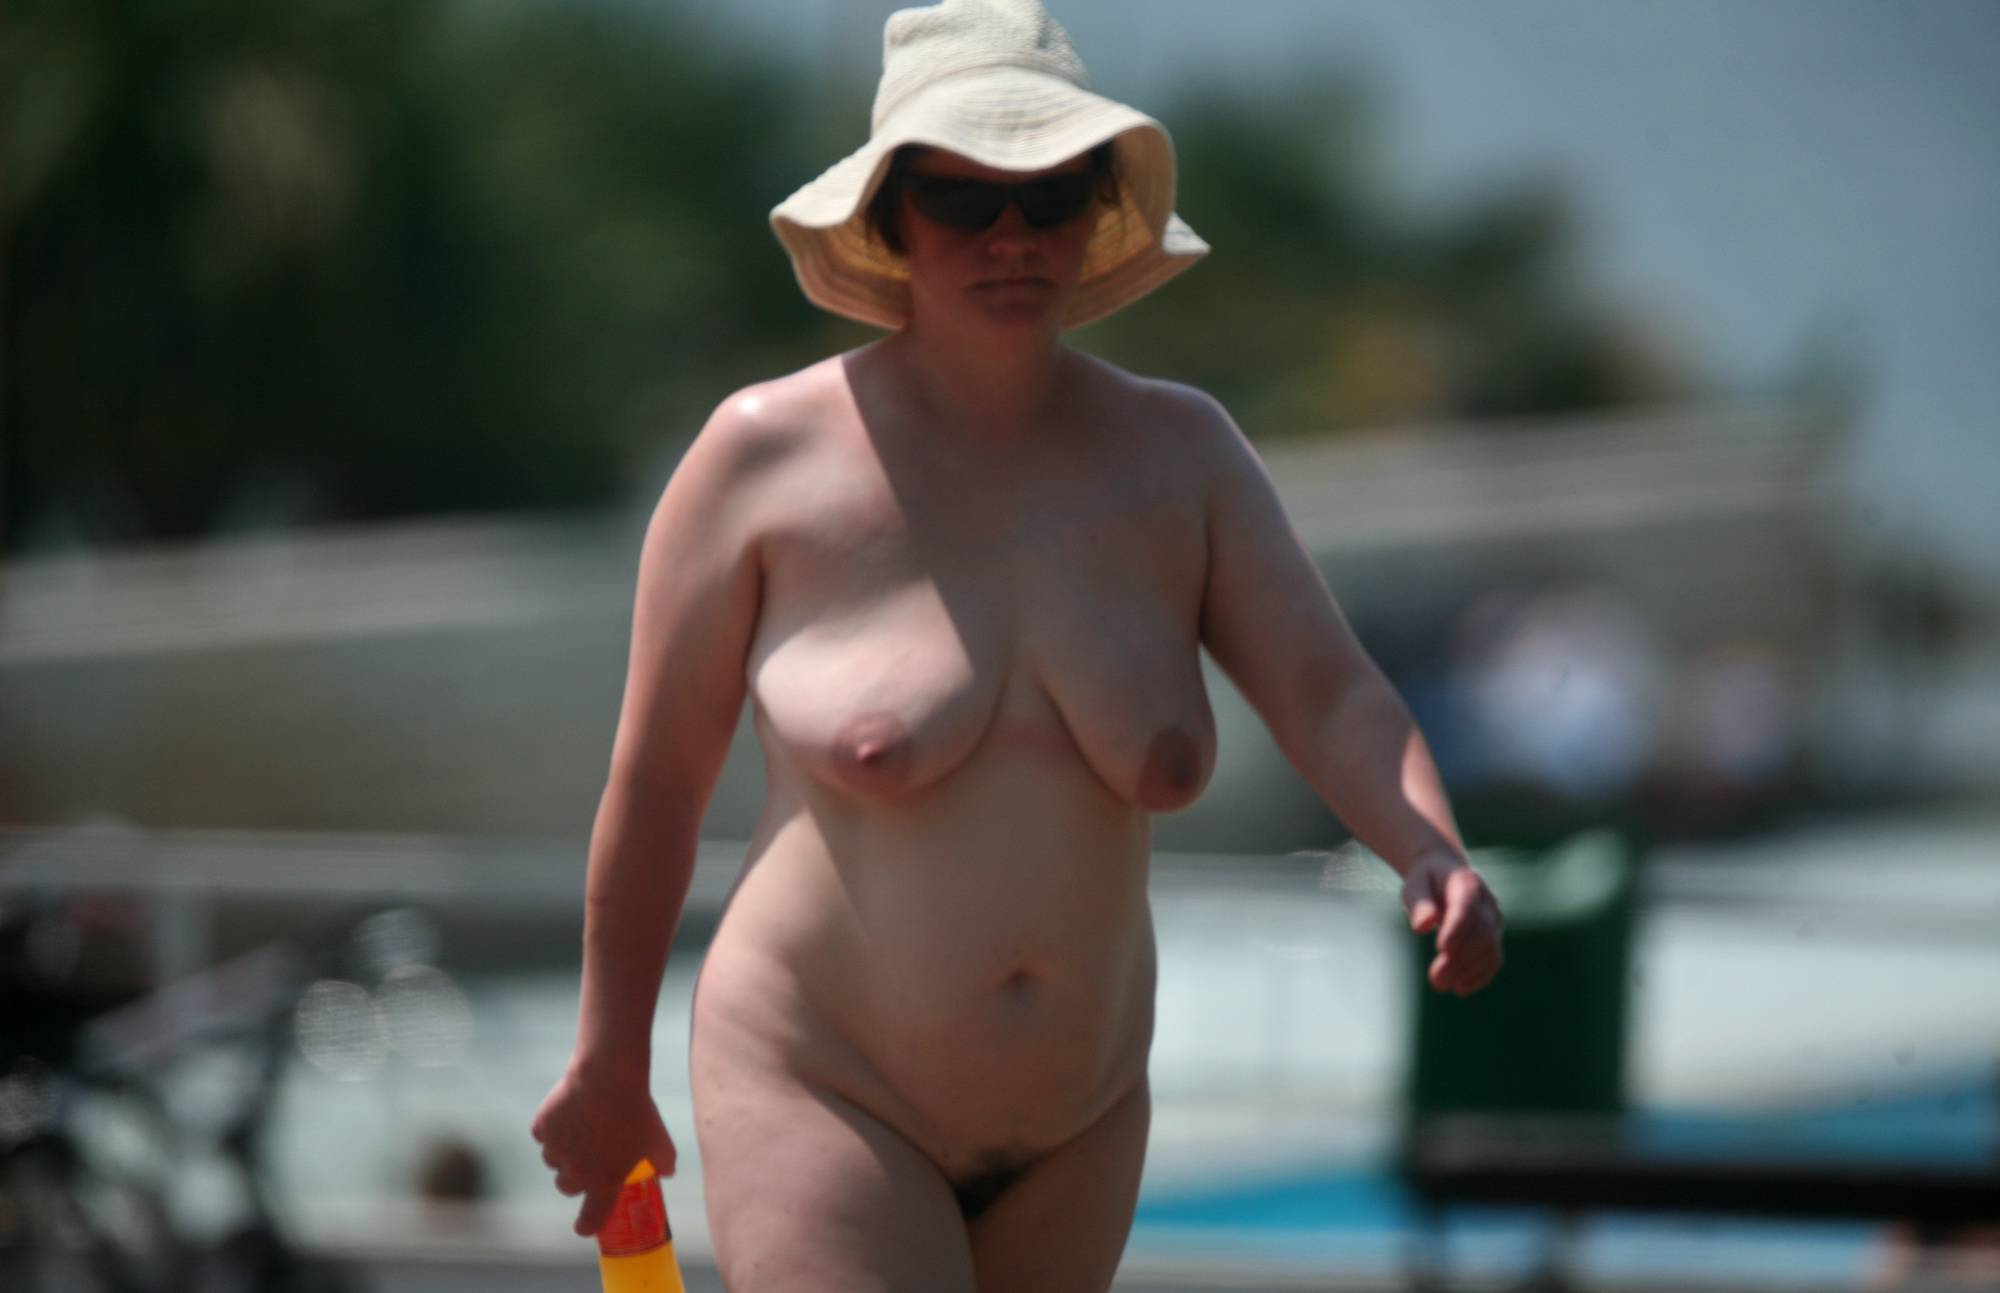 Nudist Gallery Poolside Camp Gathering - 2